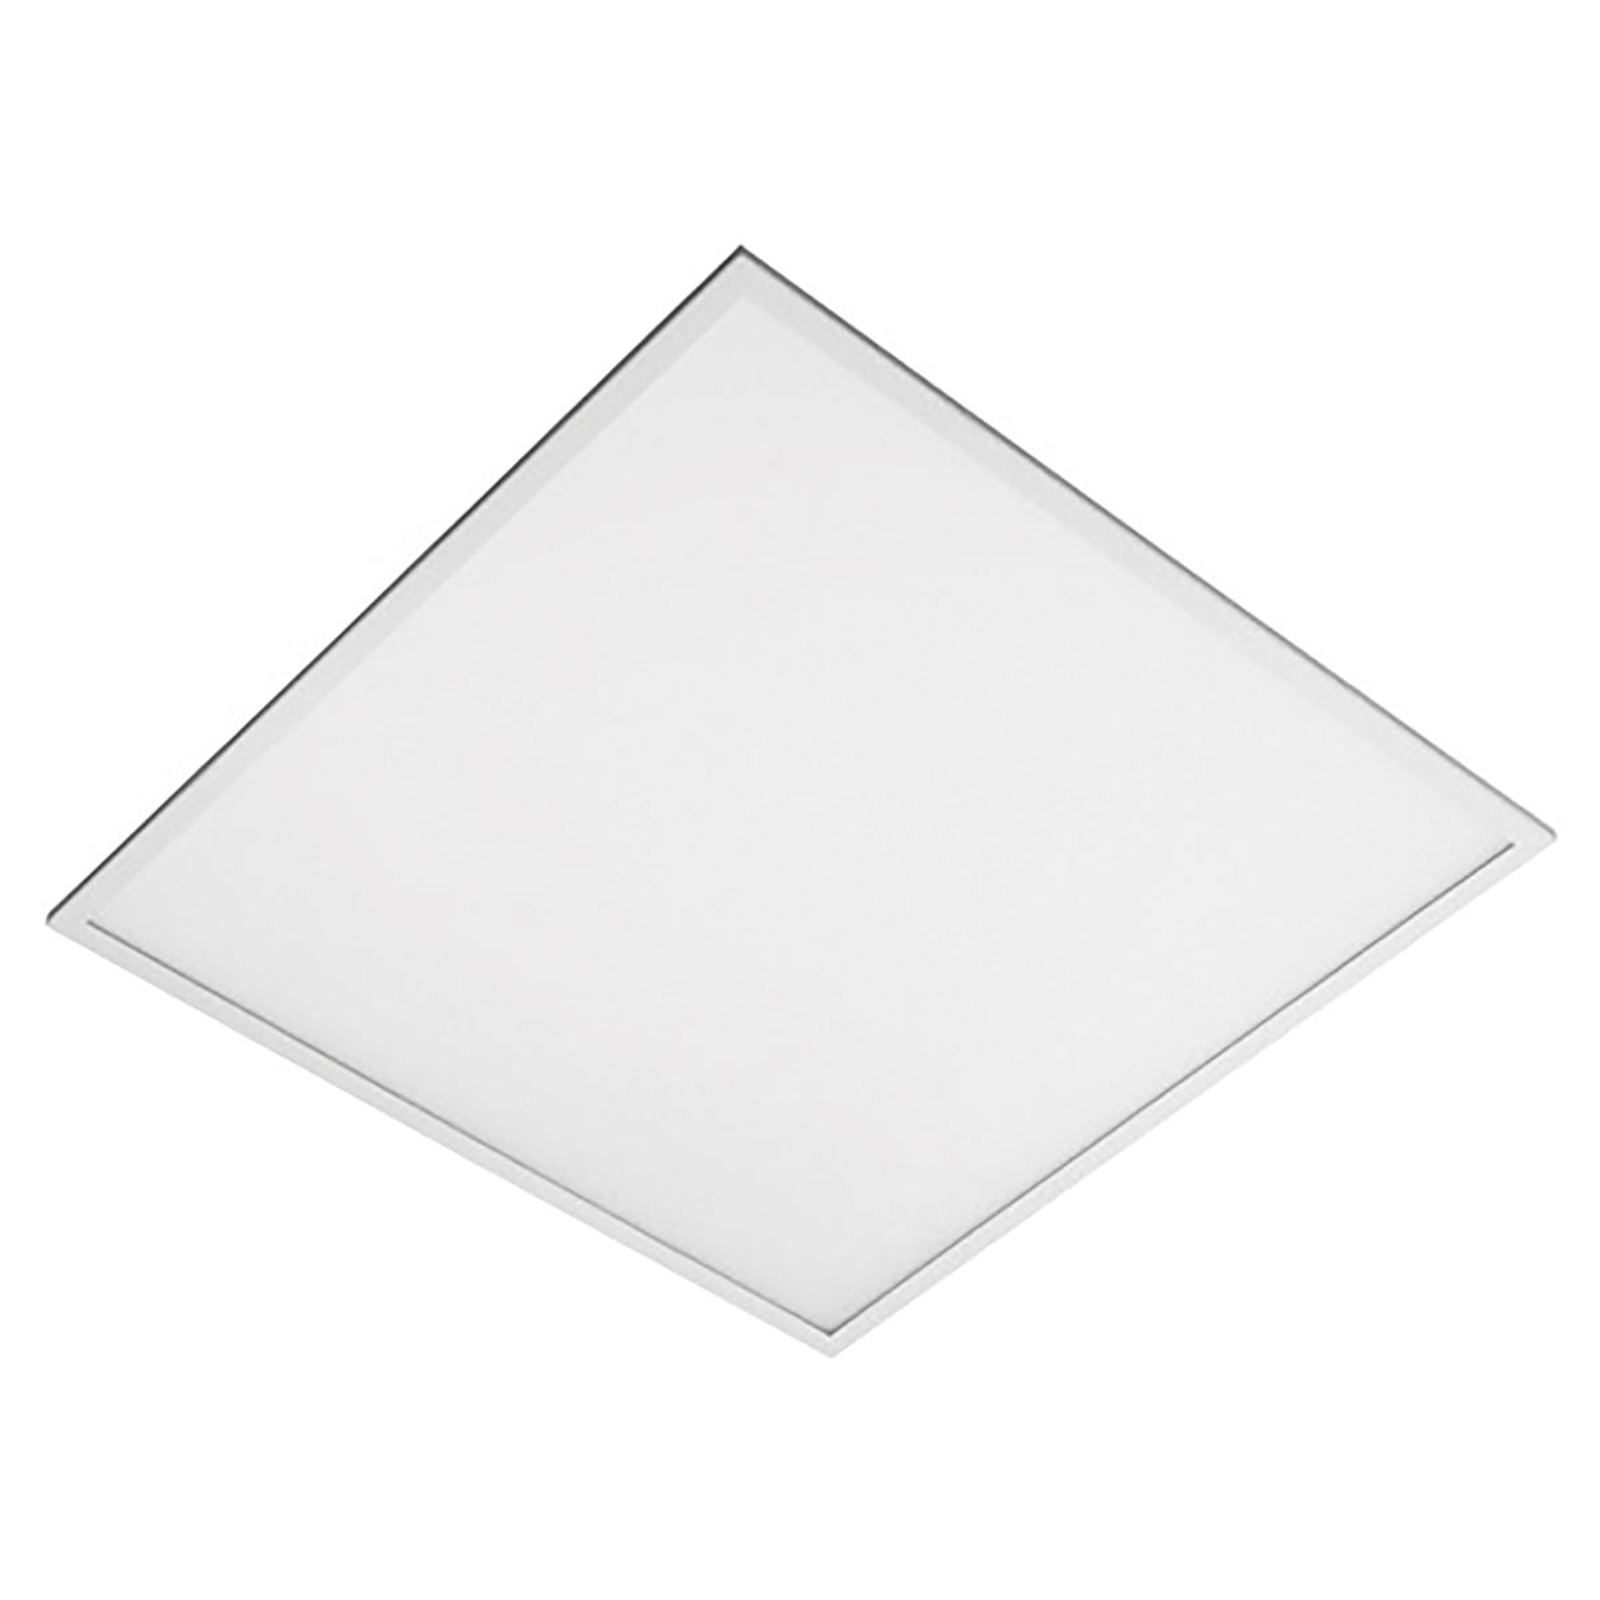 Pannello LED US per soffitto modulare, 3.000 K